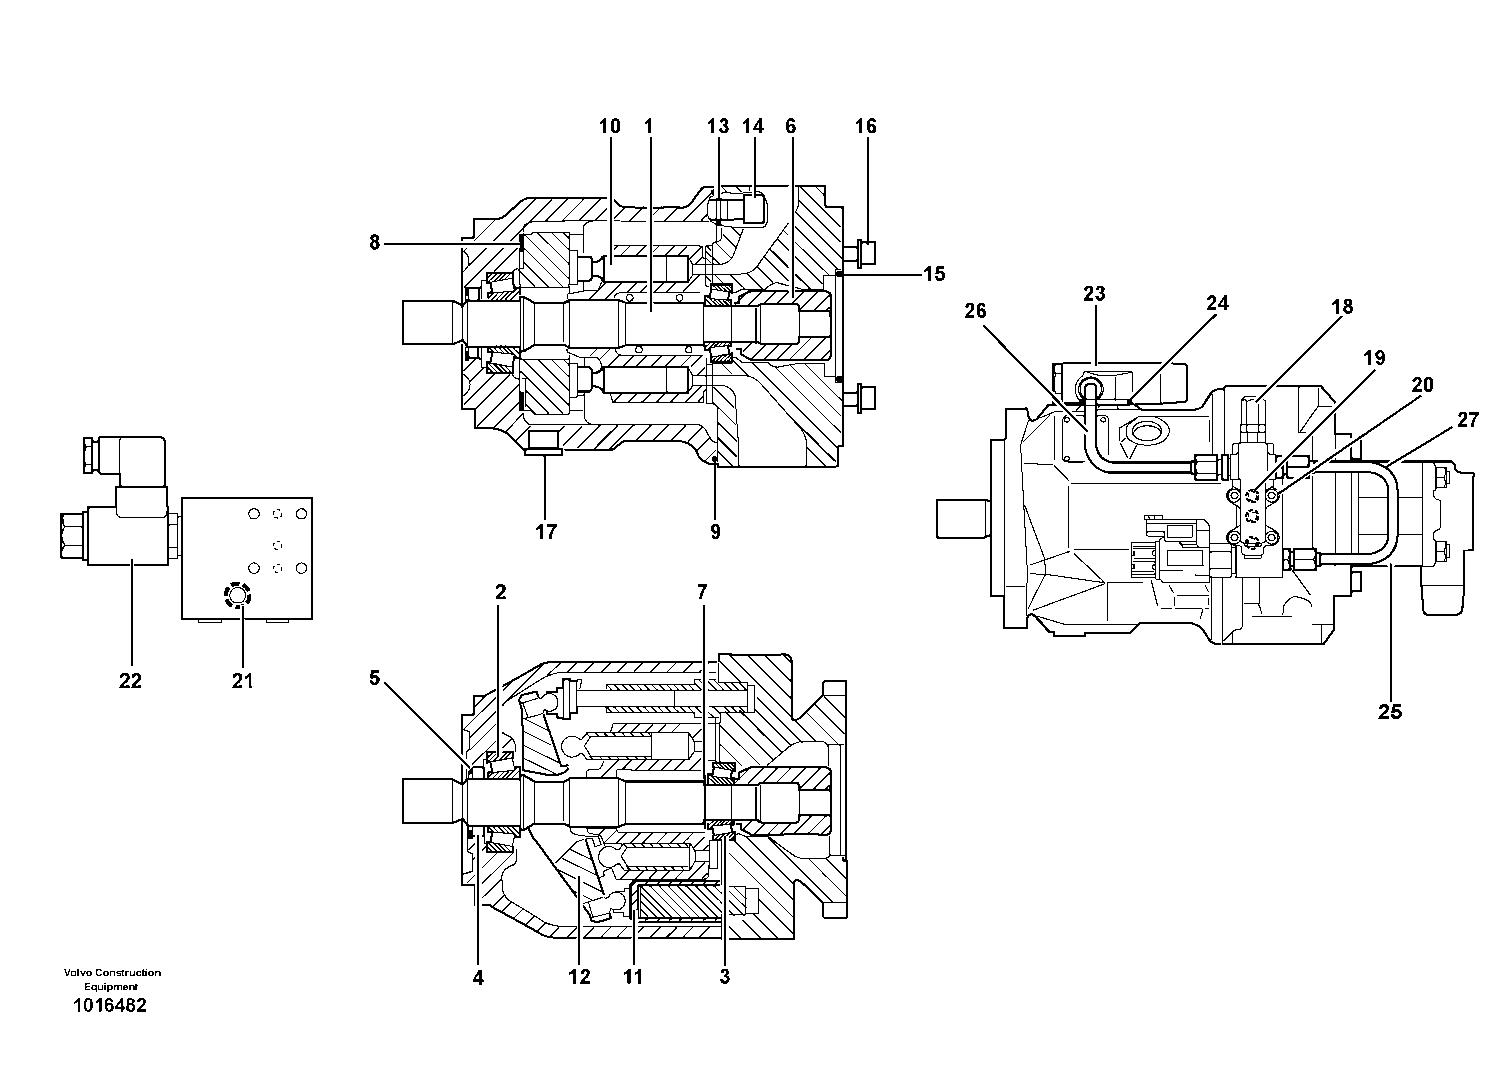 bekoloder-hidrolik-pompa